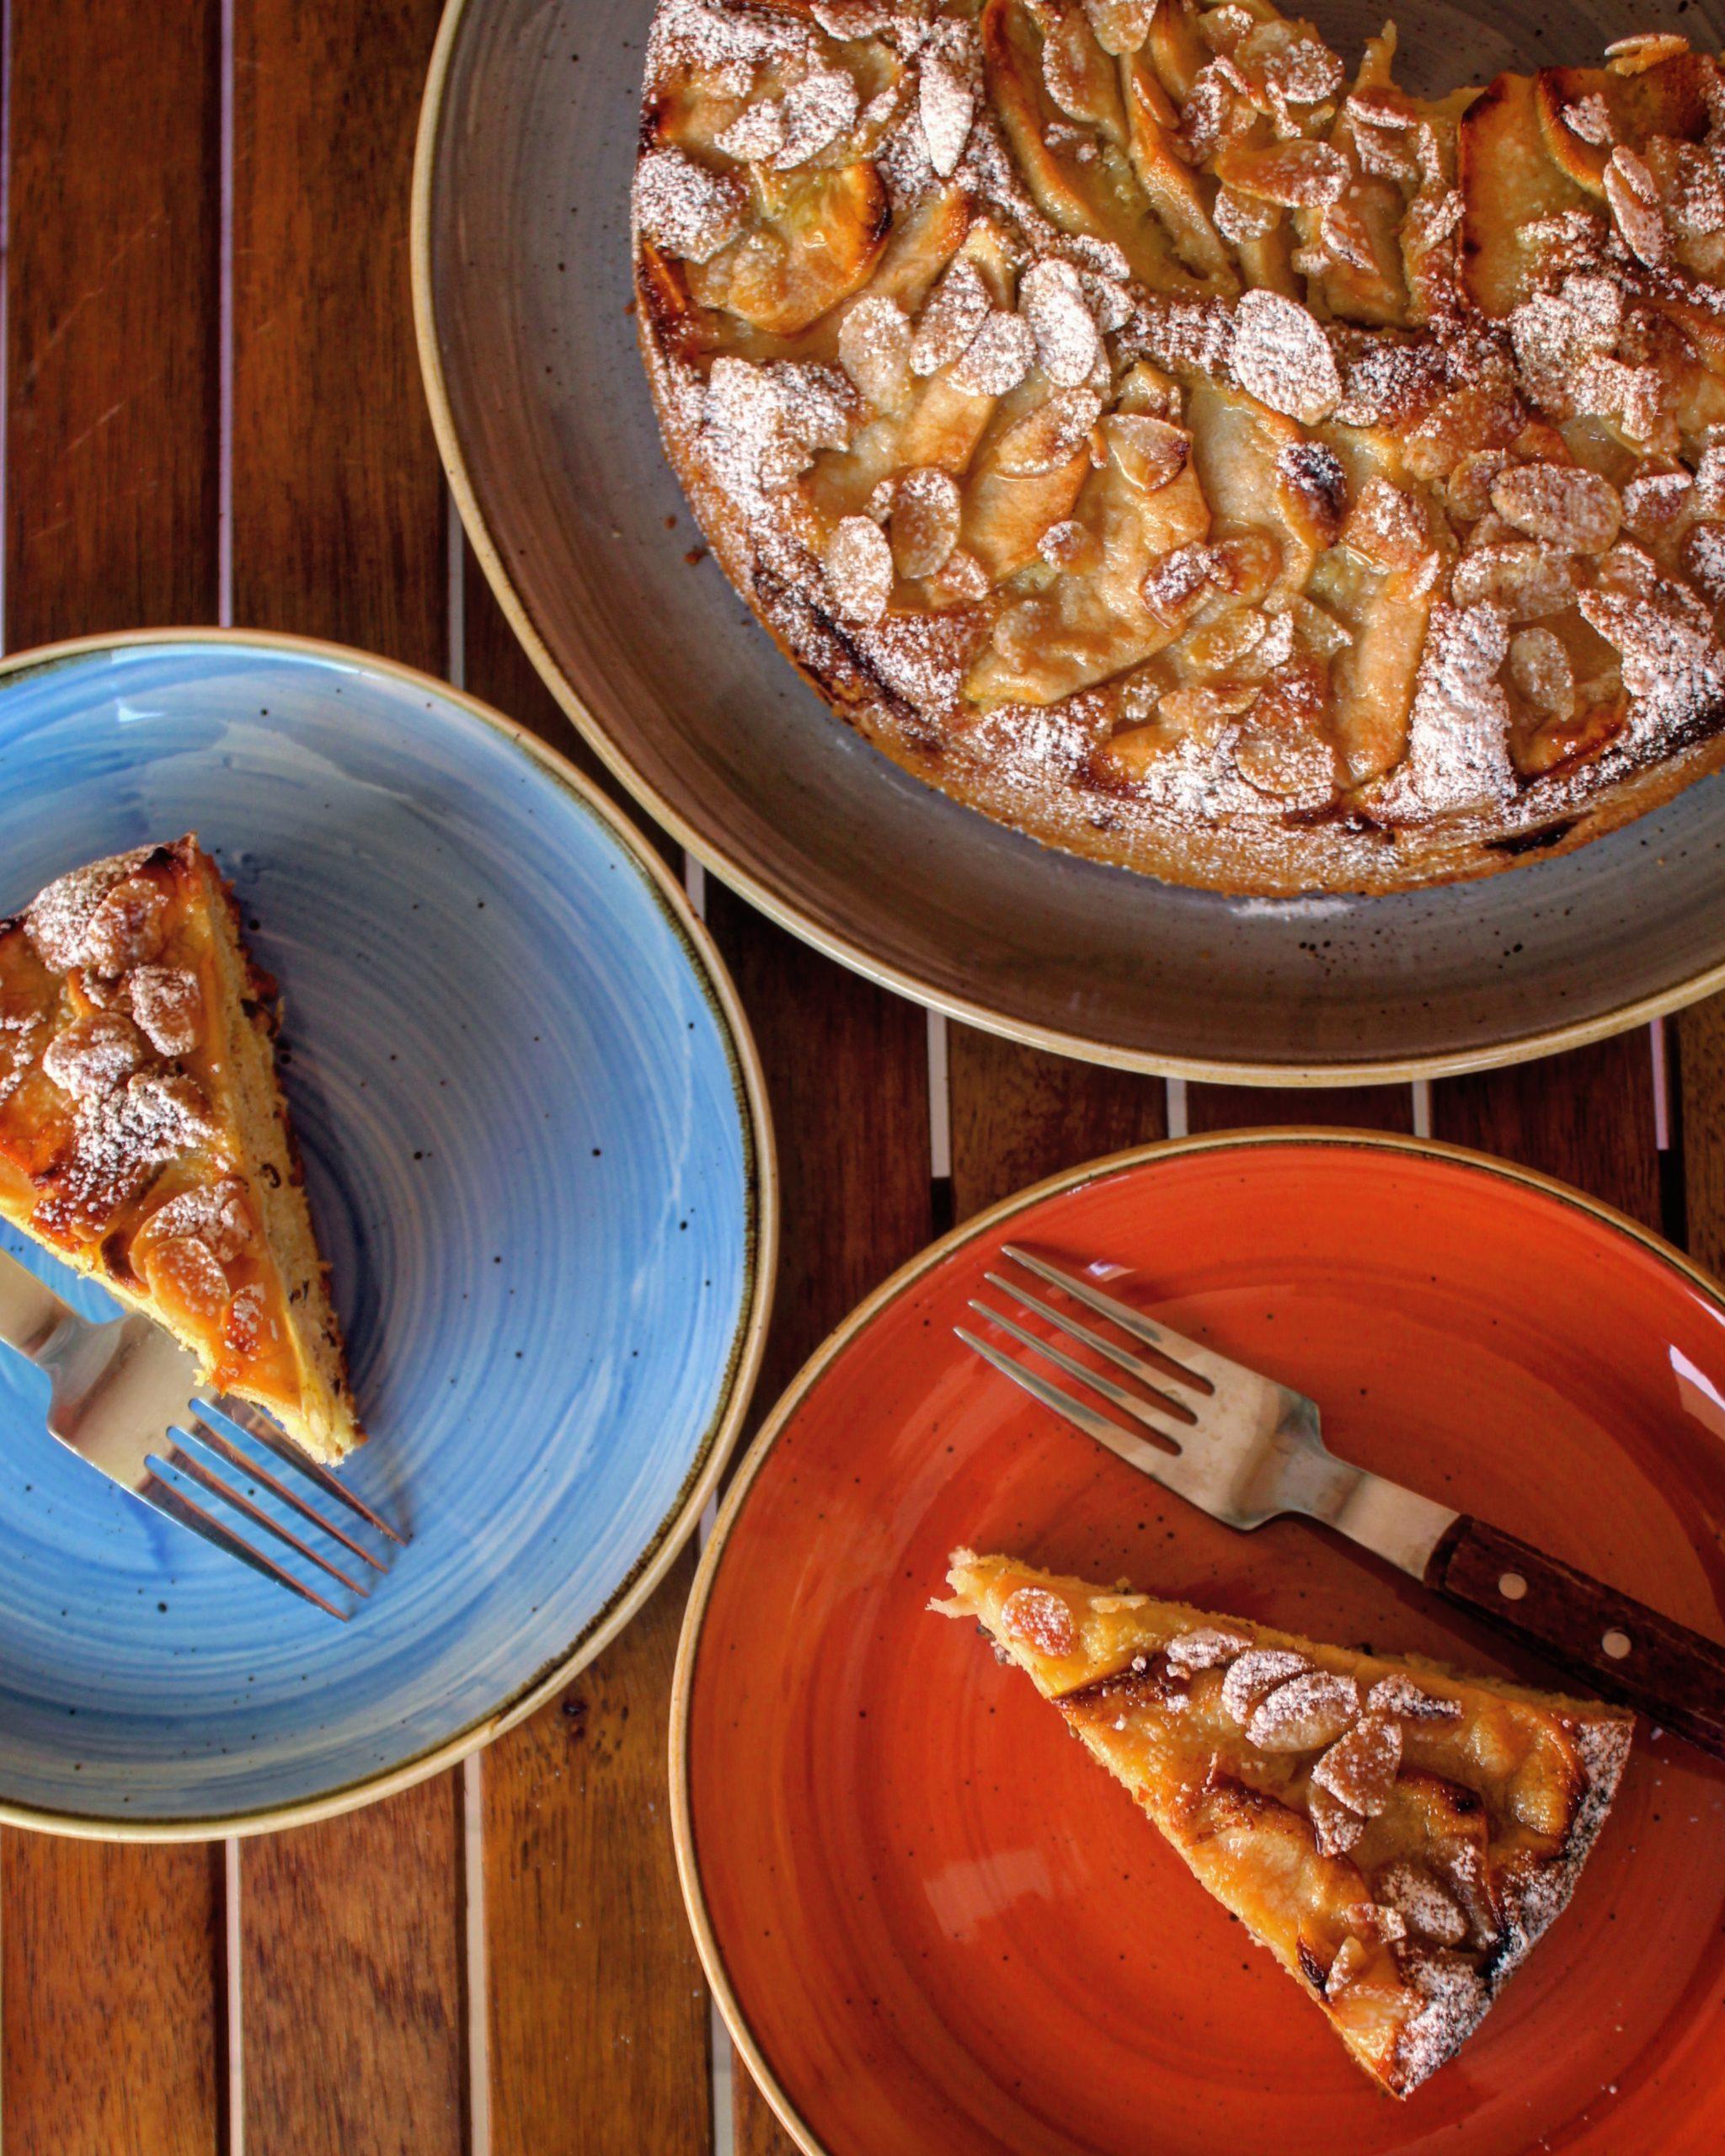 Torta morbida di mele e mandorle